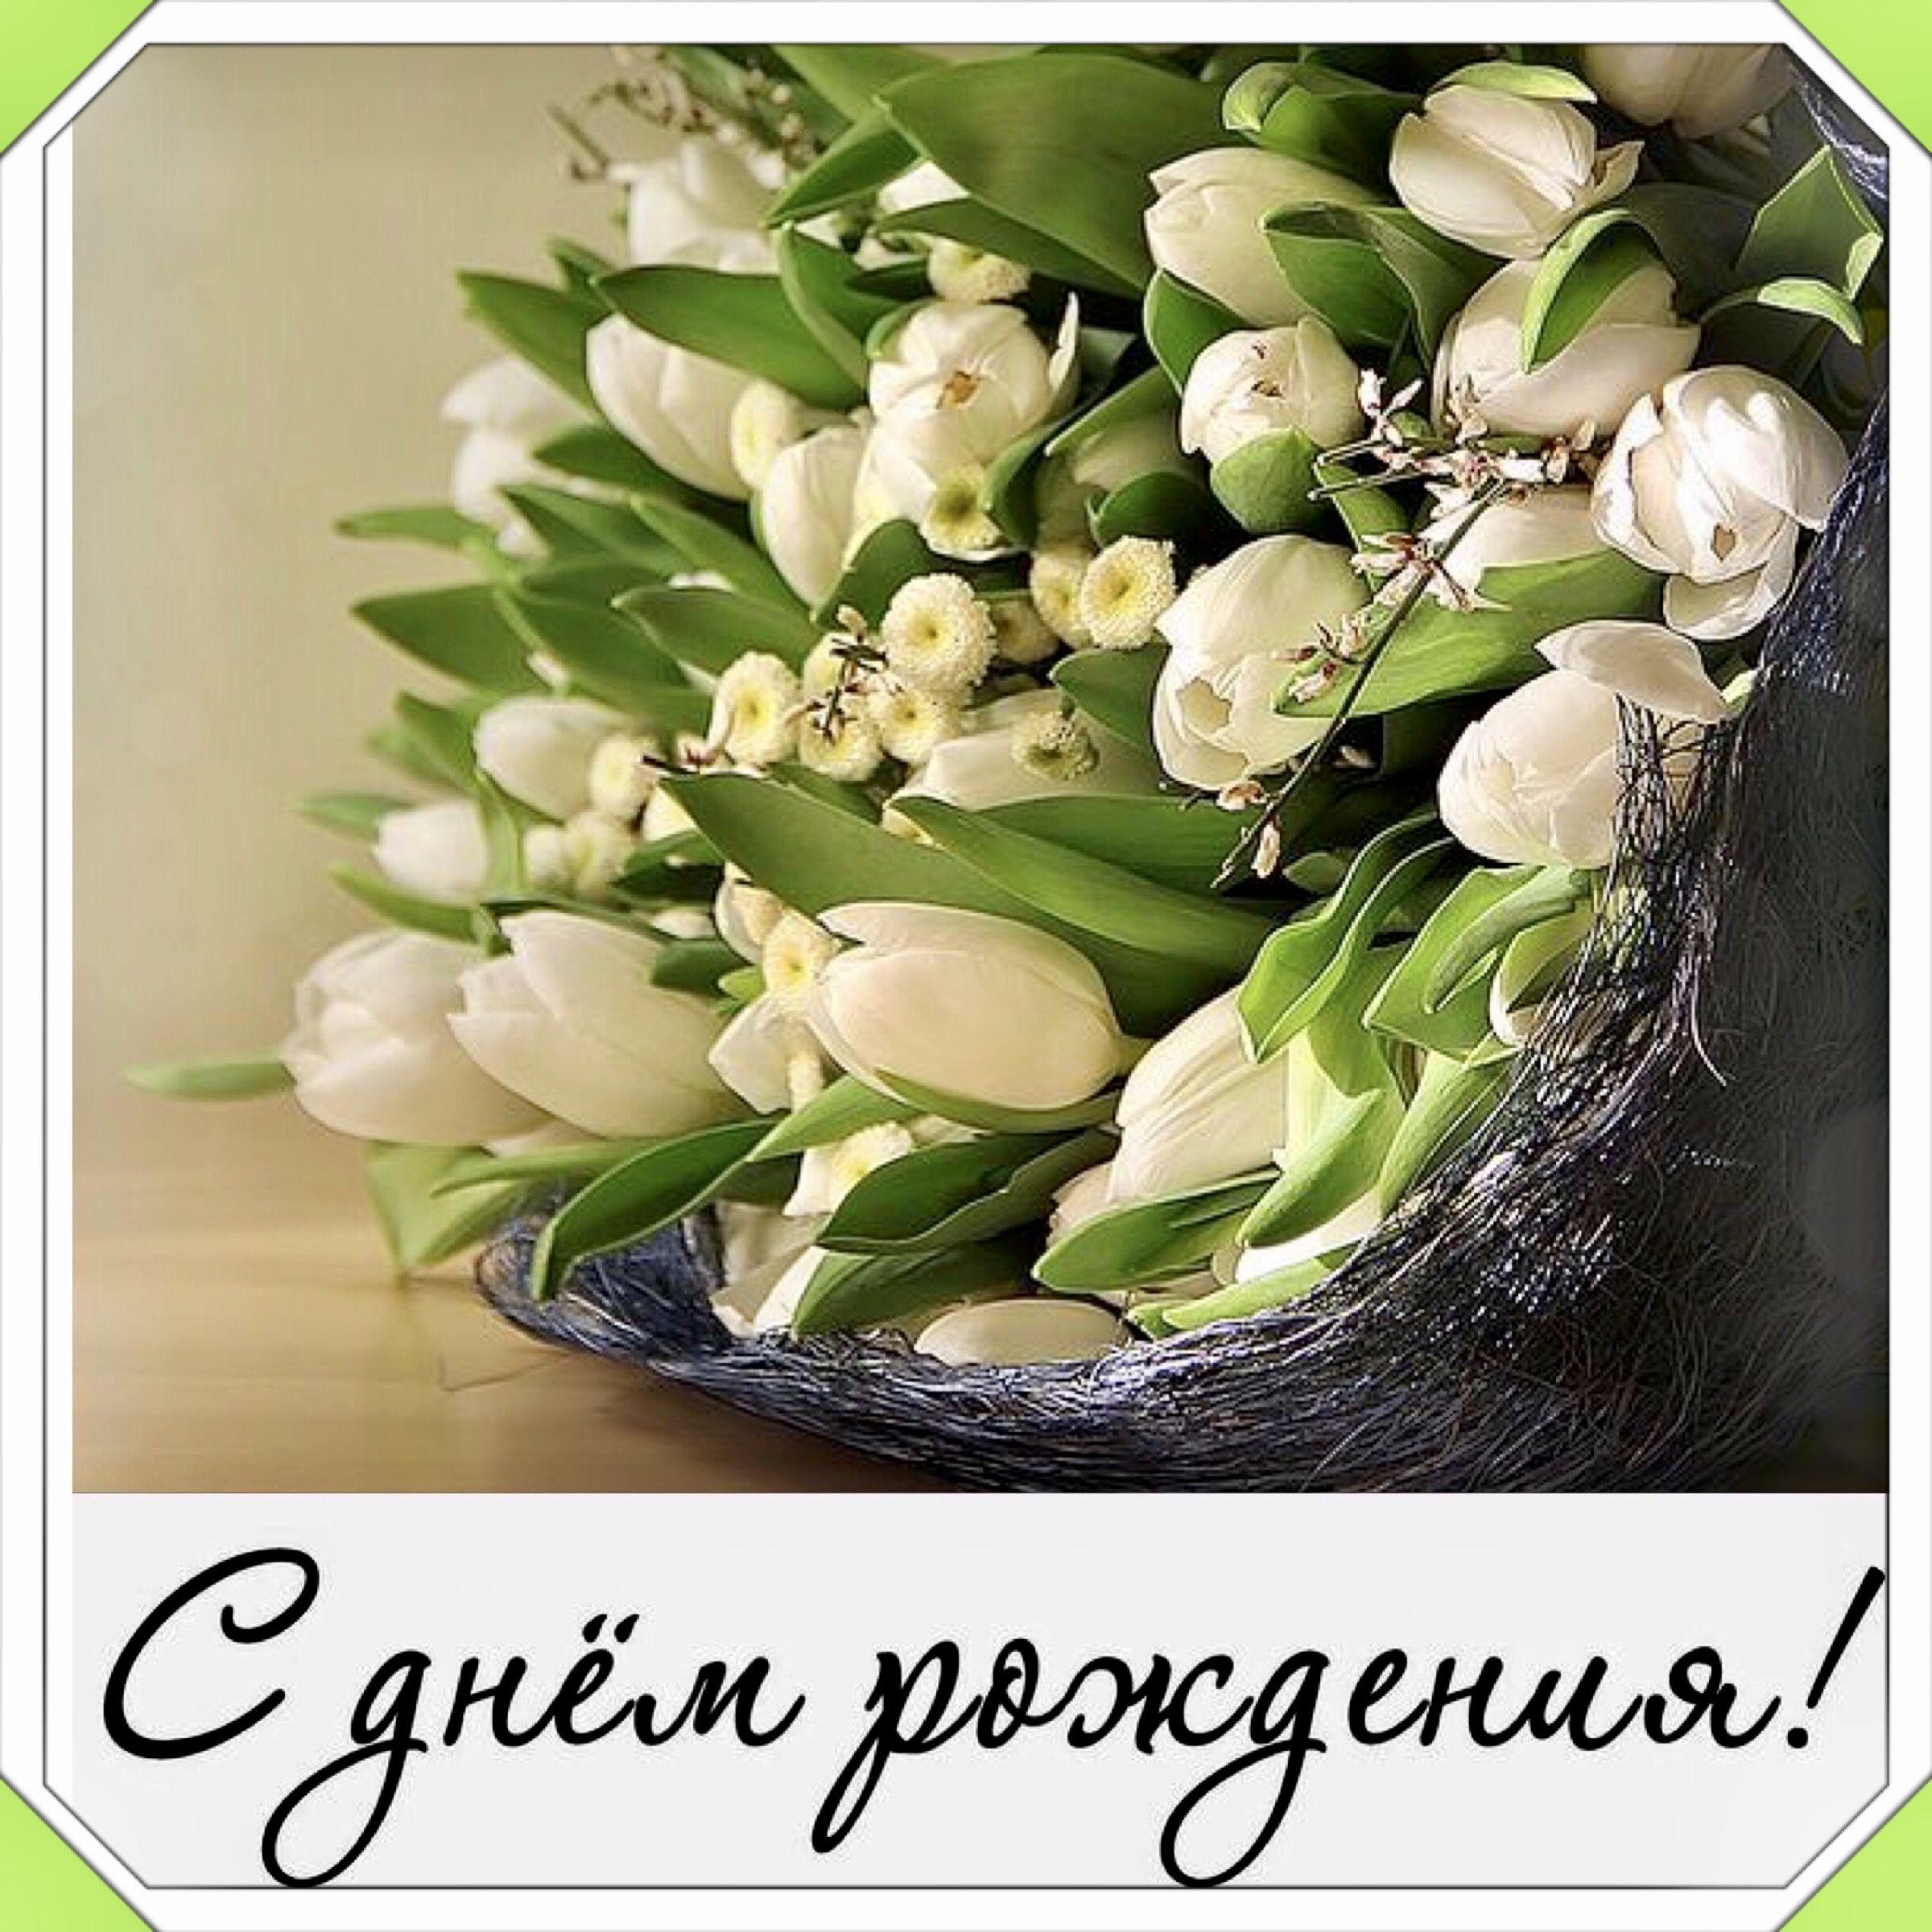 Поздравление с днем рождения связанные с цветами